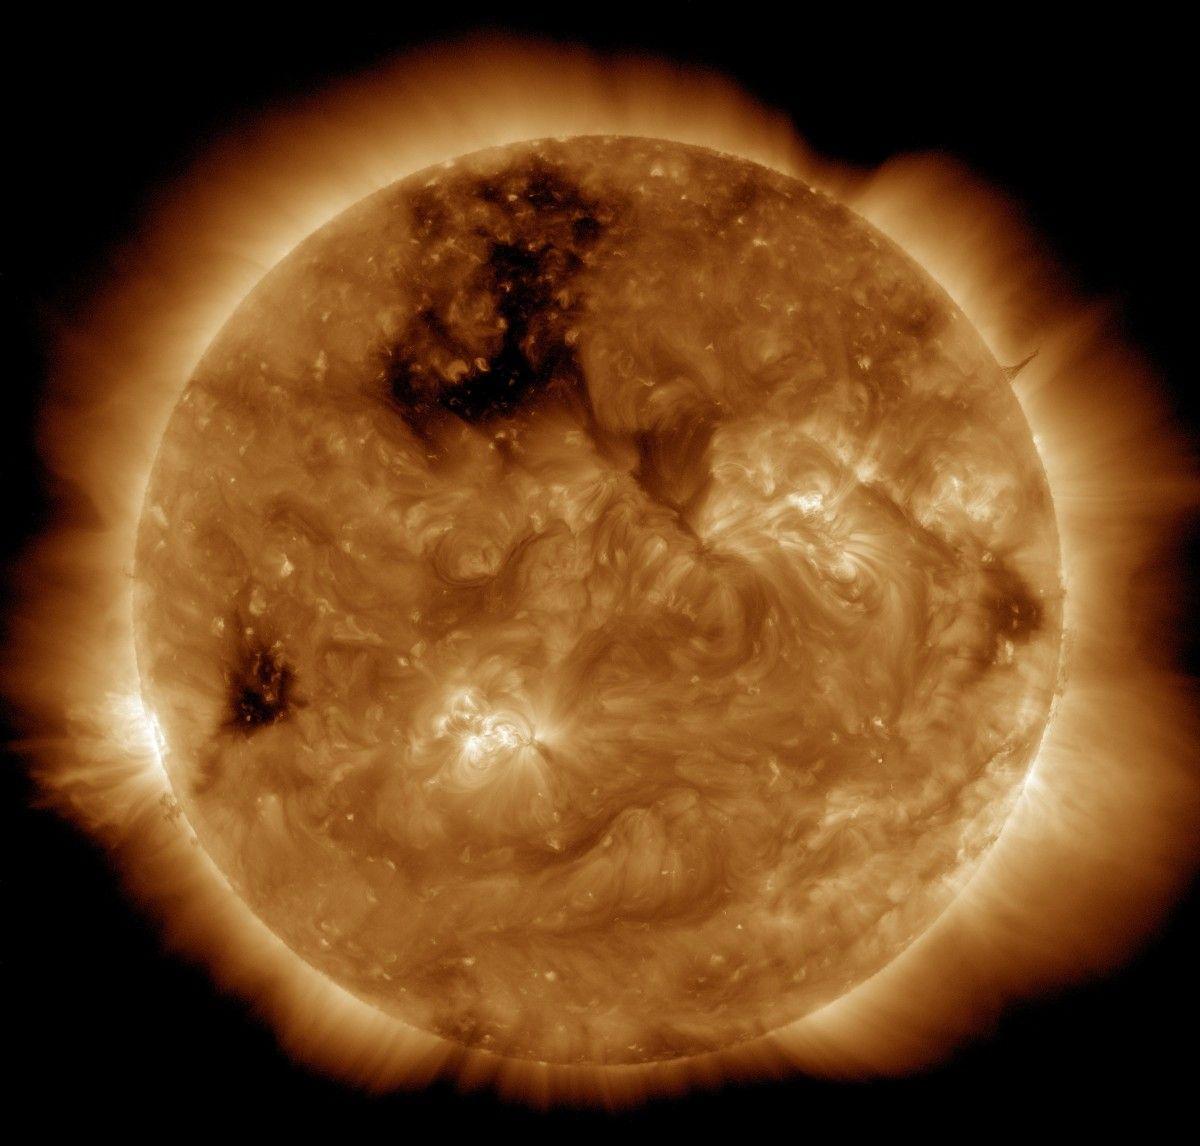 sol, luz de sol, cosmos, atmósfera, naranja, espacio, Luna, circulo, Nasa, espacio exterior, energía, corona, astronomía, ardiente, Bola de fuego, erupción, Objeto astronómico, Explosión de radiación intensa, Hacer, erupción solar, Fotos gratis In PxHere